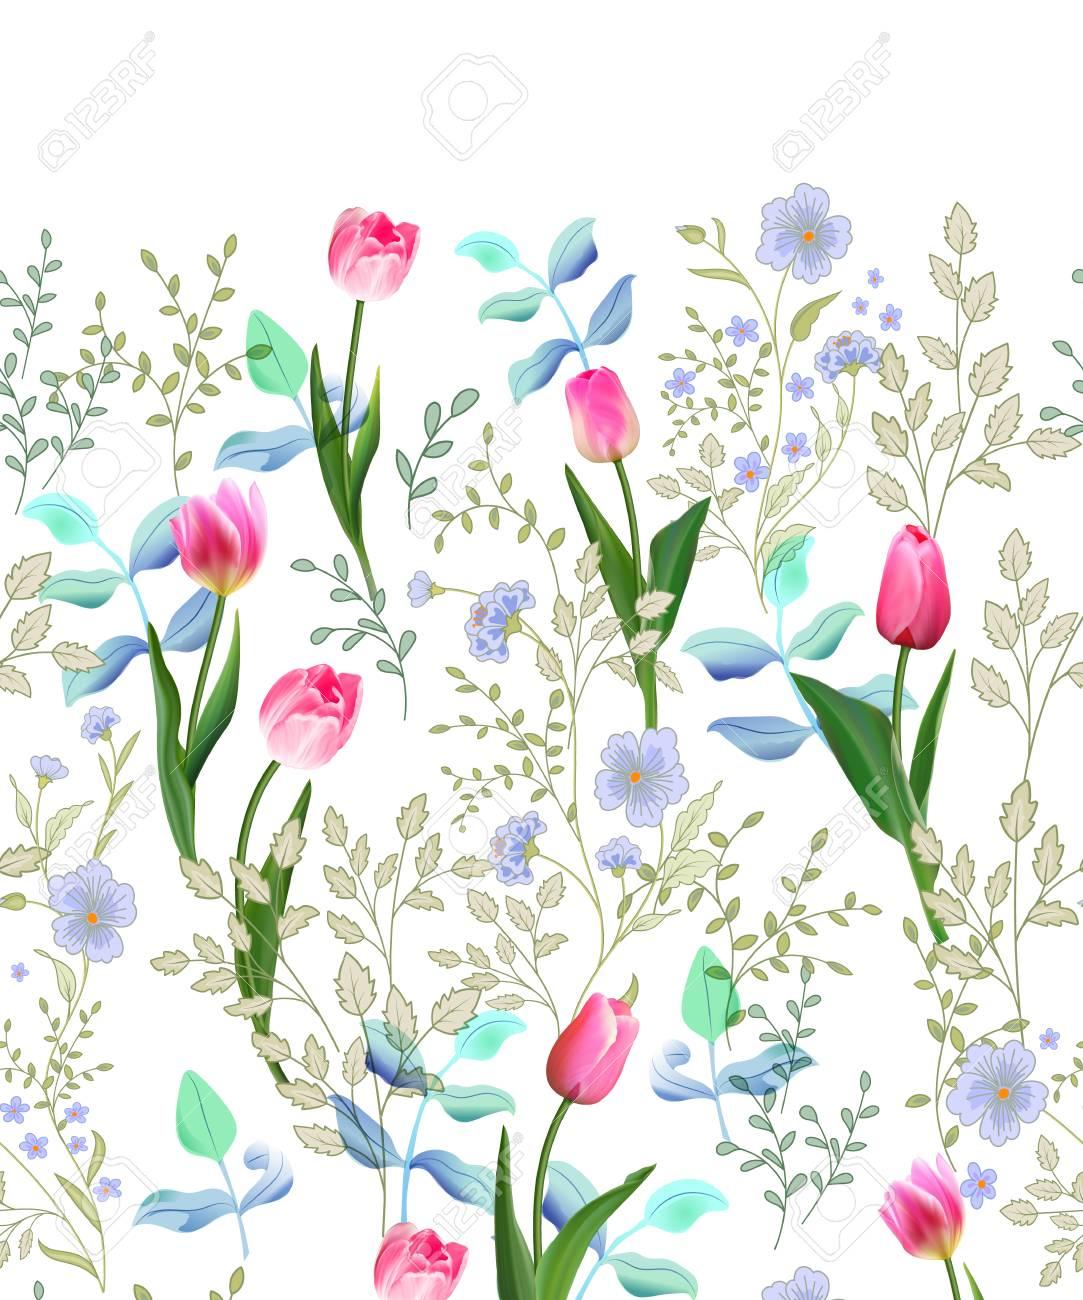 Spring Flowers Seamless Floral Border Vintage Vector Illustration